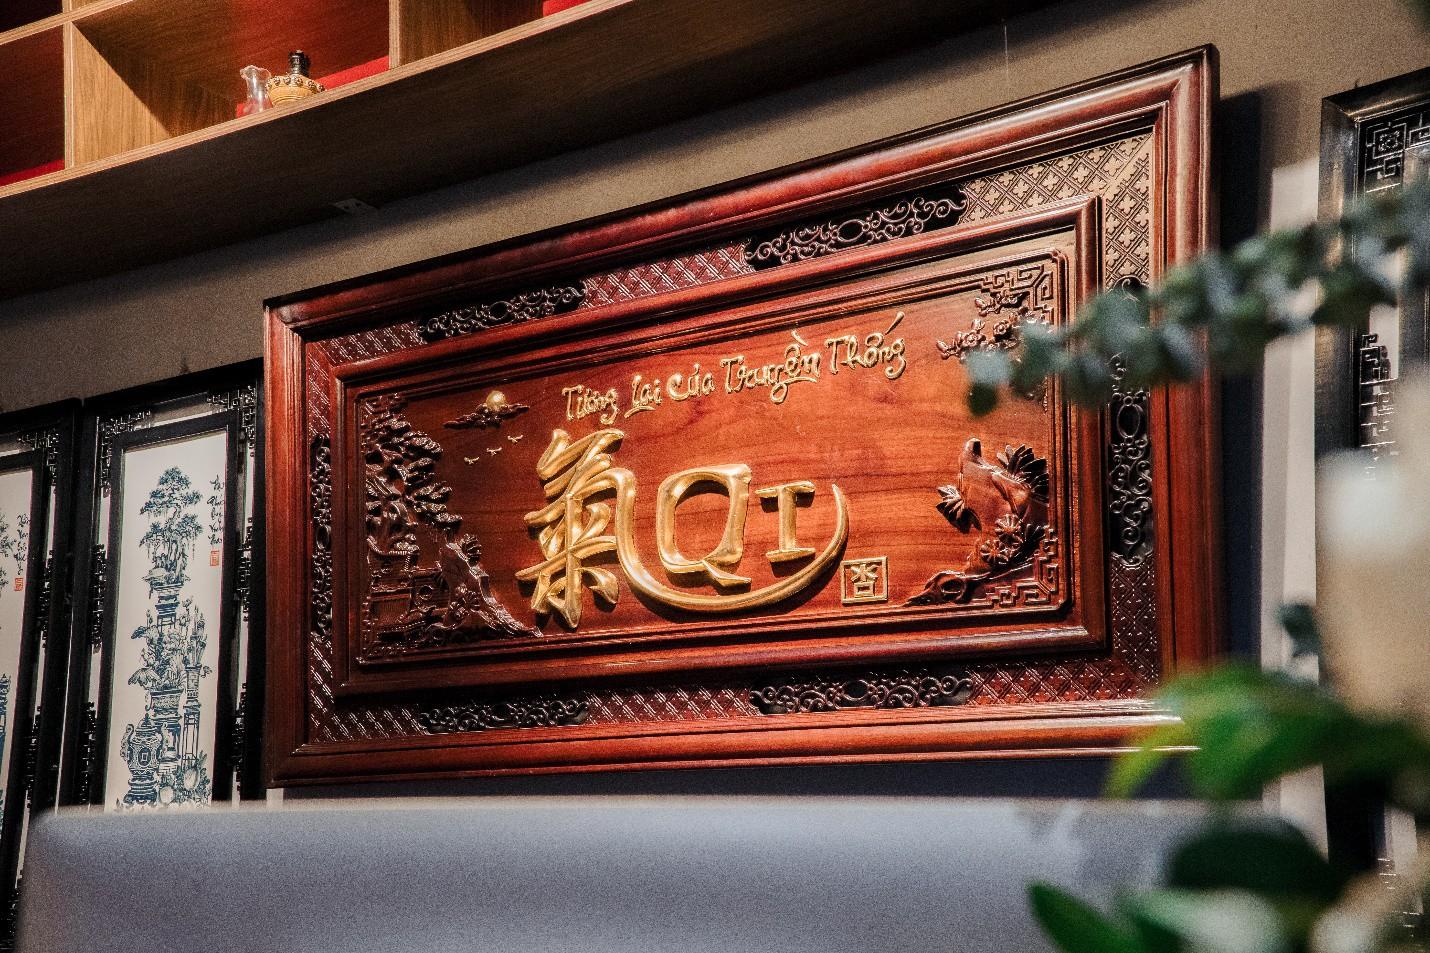 Nhà hàng Qi – Mang các món ăn Quảng Đông truyền thống đến với tương lai - Ảnh 3.